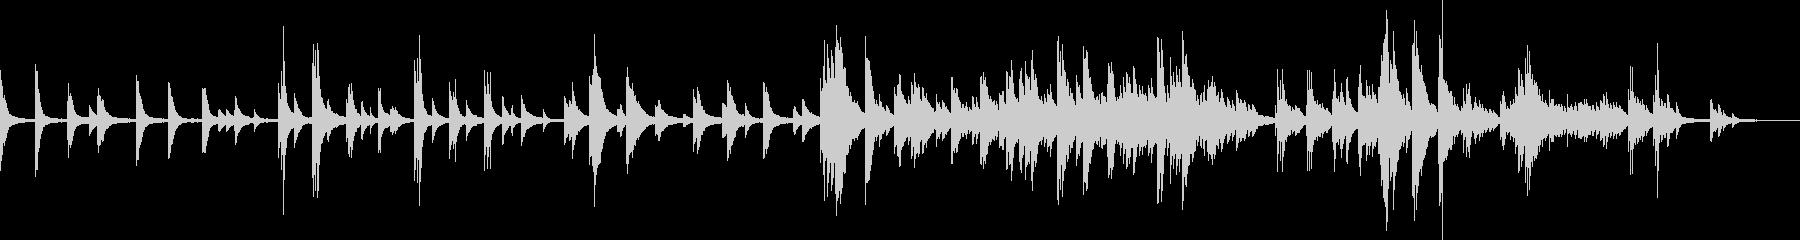 喪失(ピアノバラード・切ない・悲しい)の未再生の波形